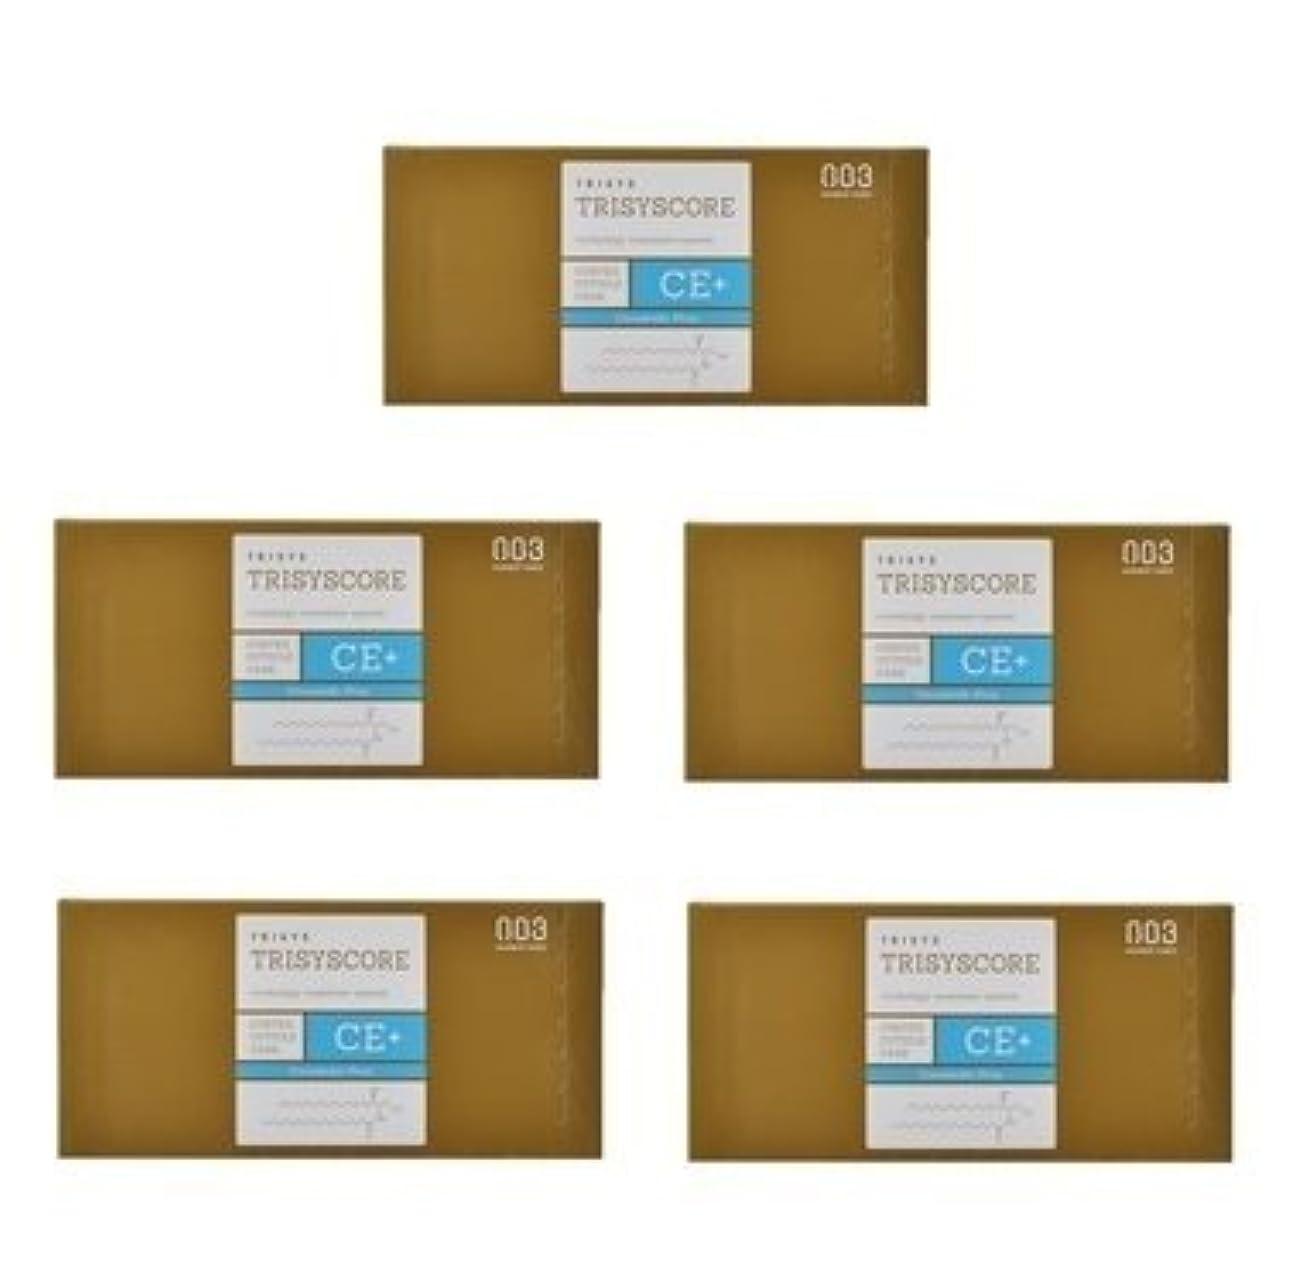 リンスインデックス化学薬品【X5個セット】ナンバースリー トリシスコア CEプラス (ヘアトリートメント) 12g × 4包入り